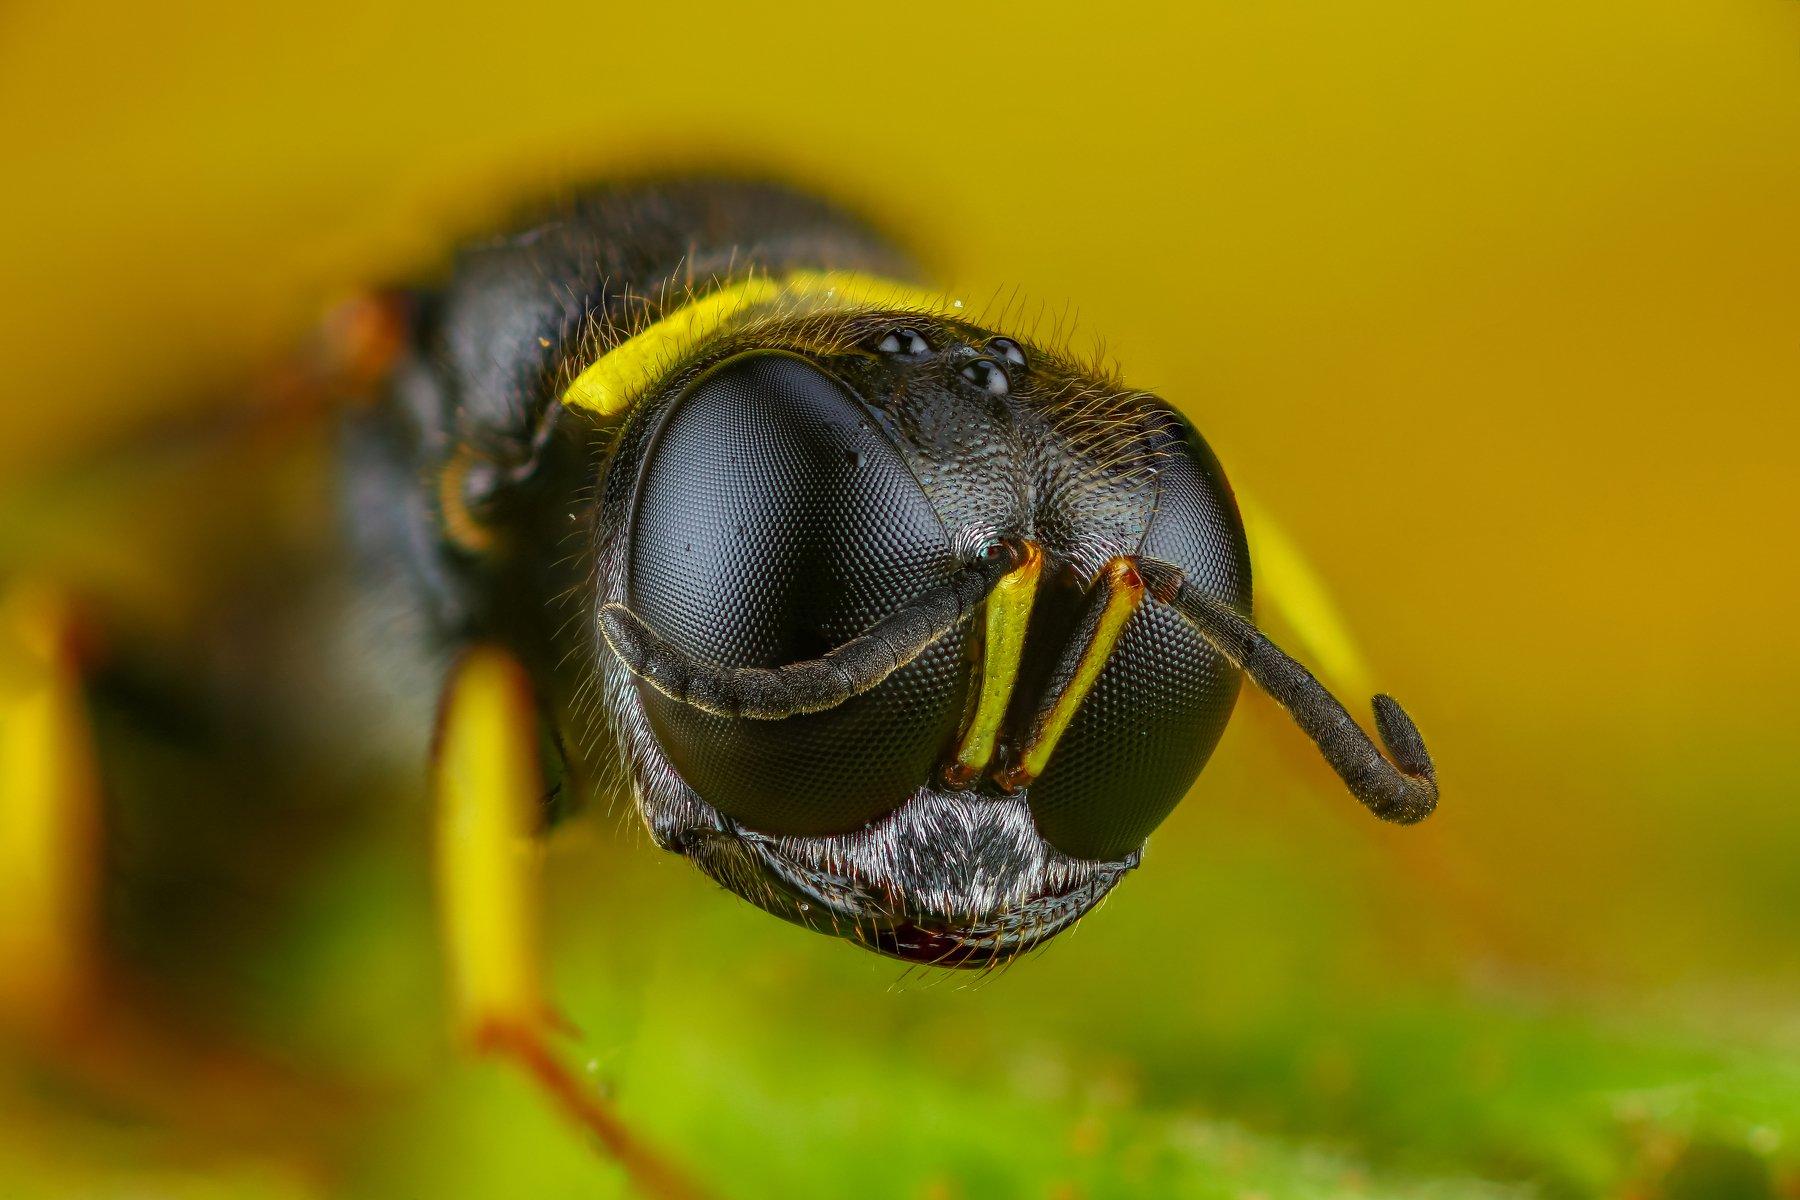 макро оса насекомое животное зеленый портрет желтый, Шаповалов Андрей